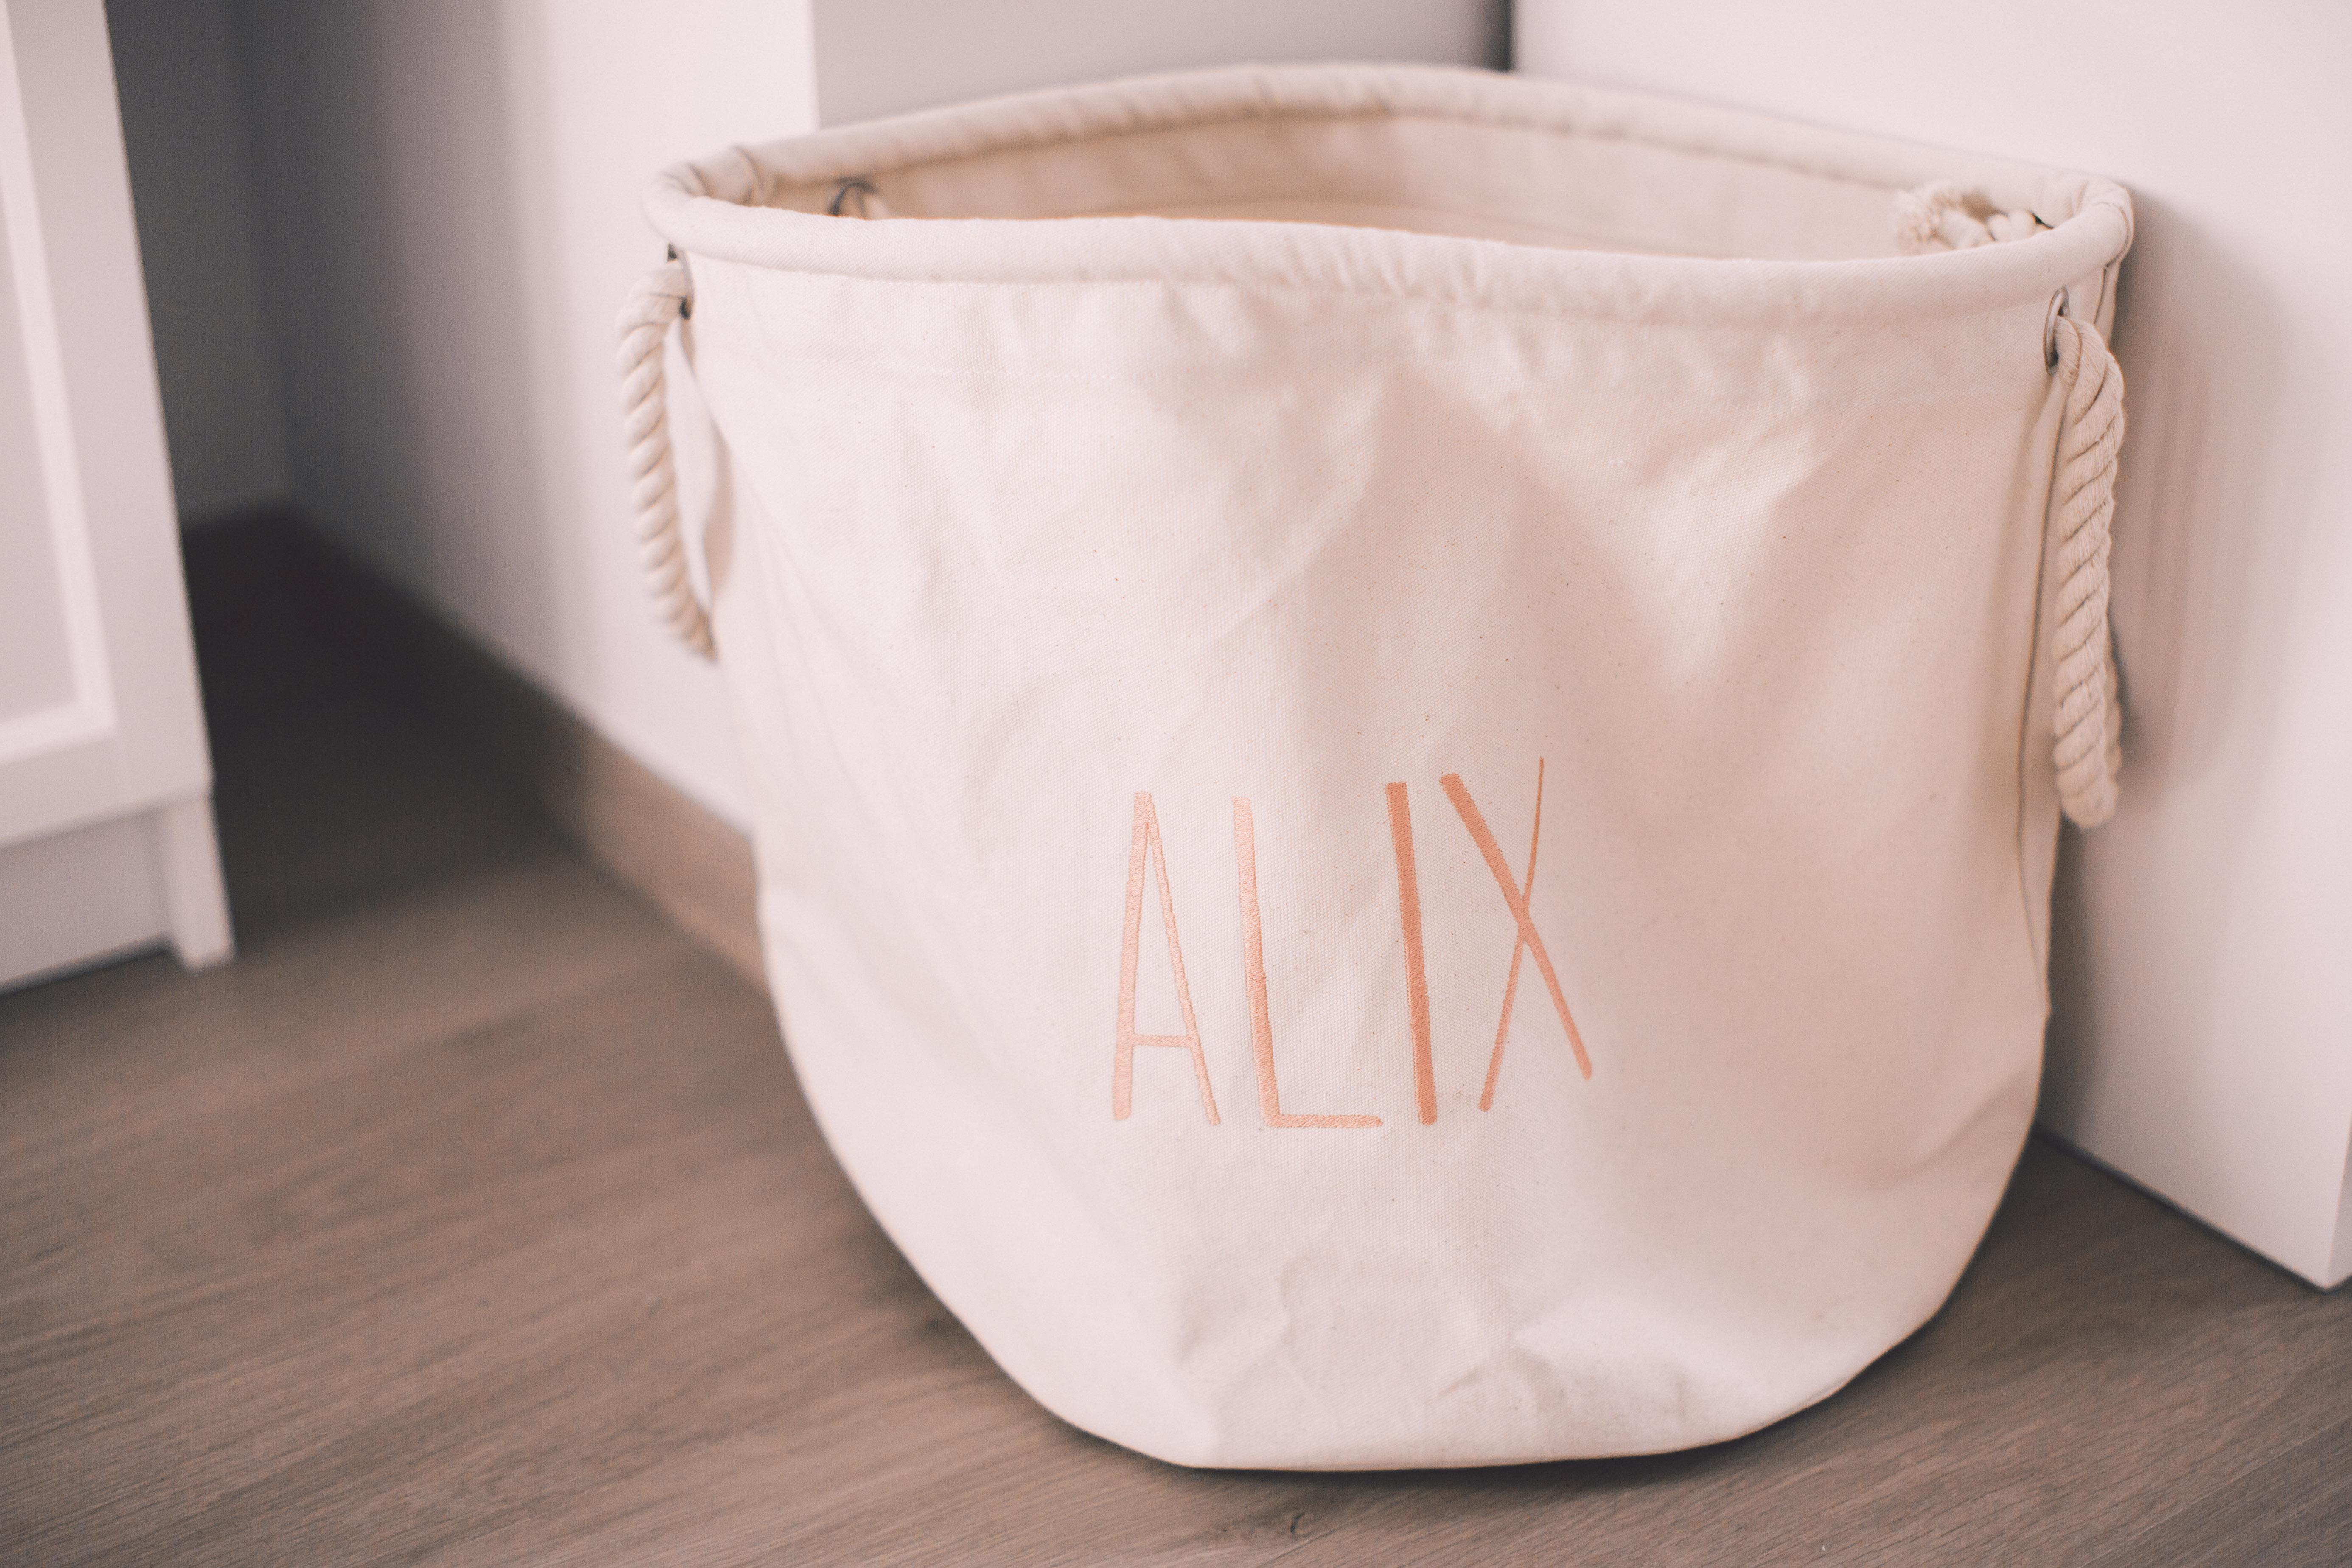 ALIX-9804